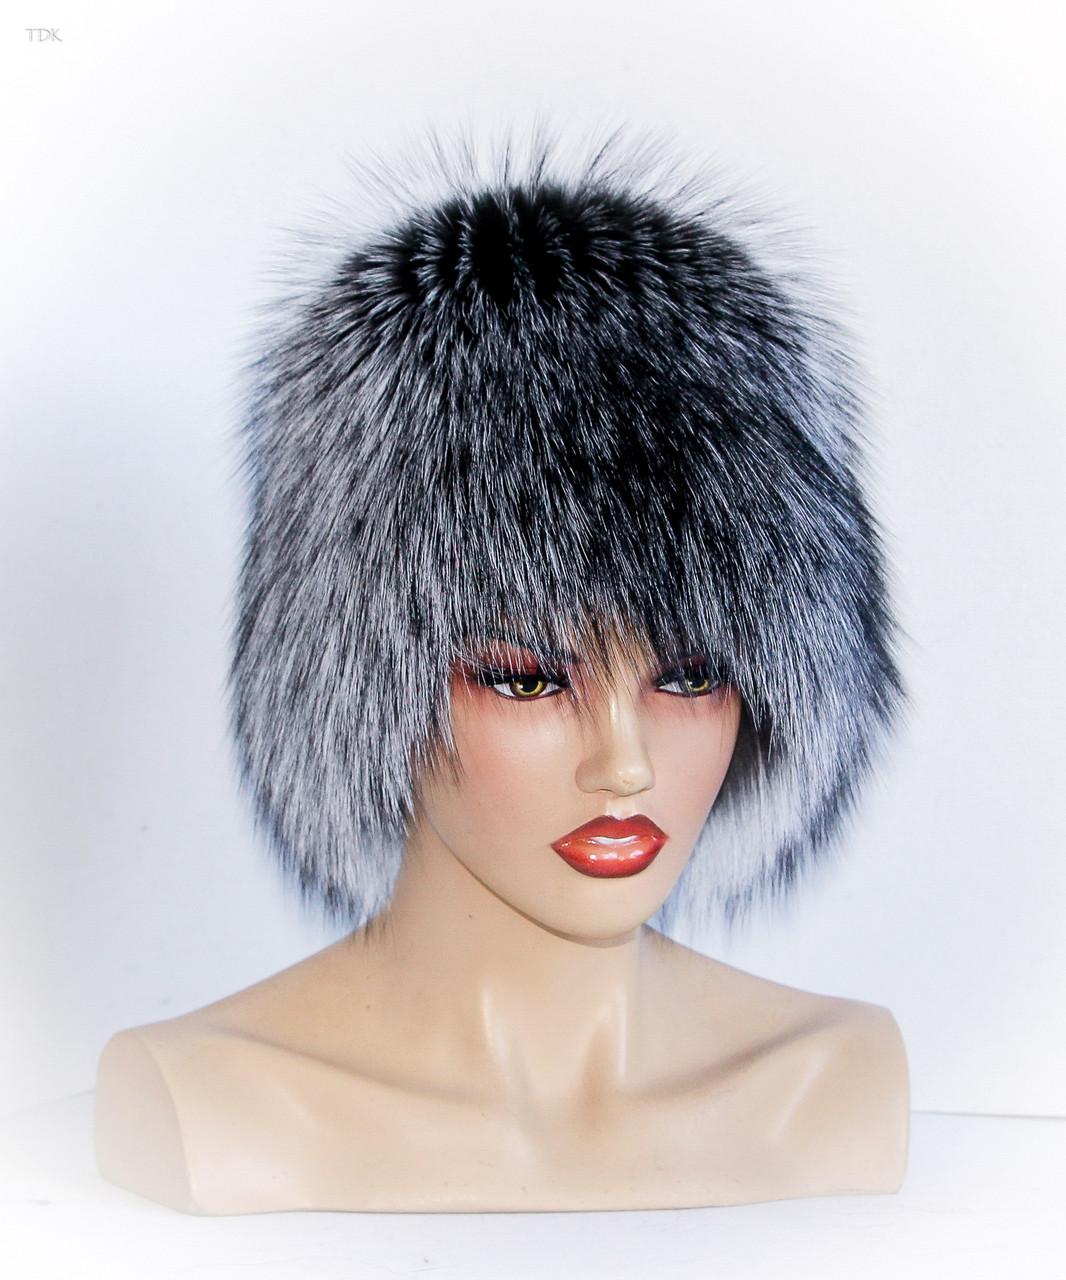 30d4500ed6a6 Меховая шапка Кубанка из Чернобурки (темная)